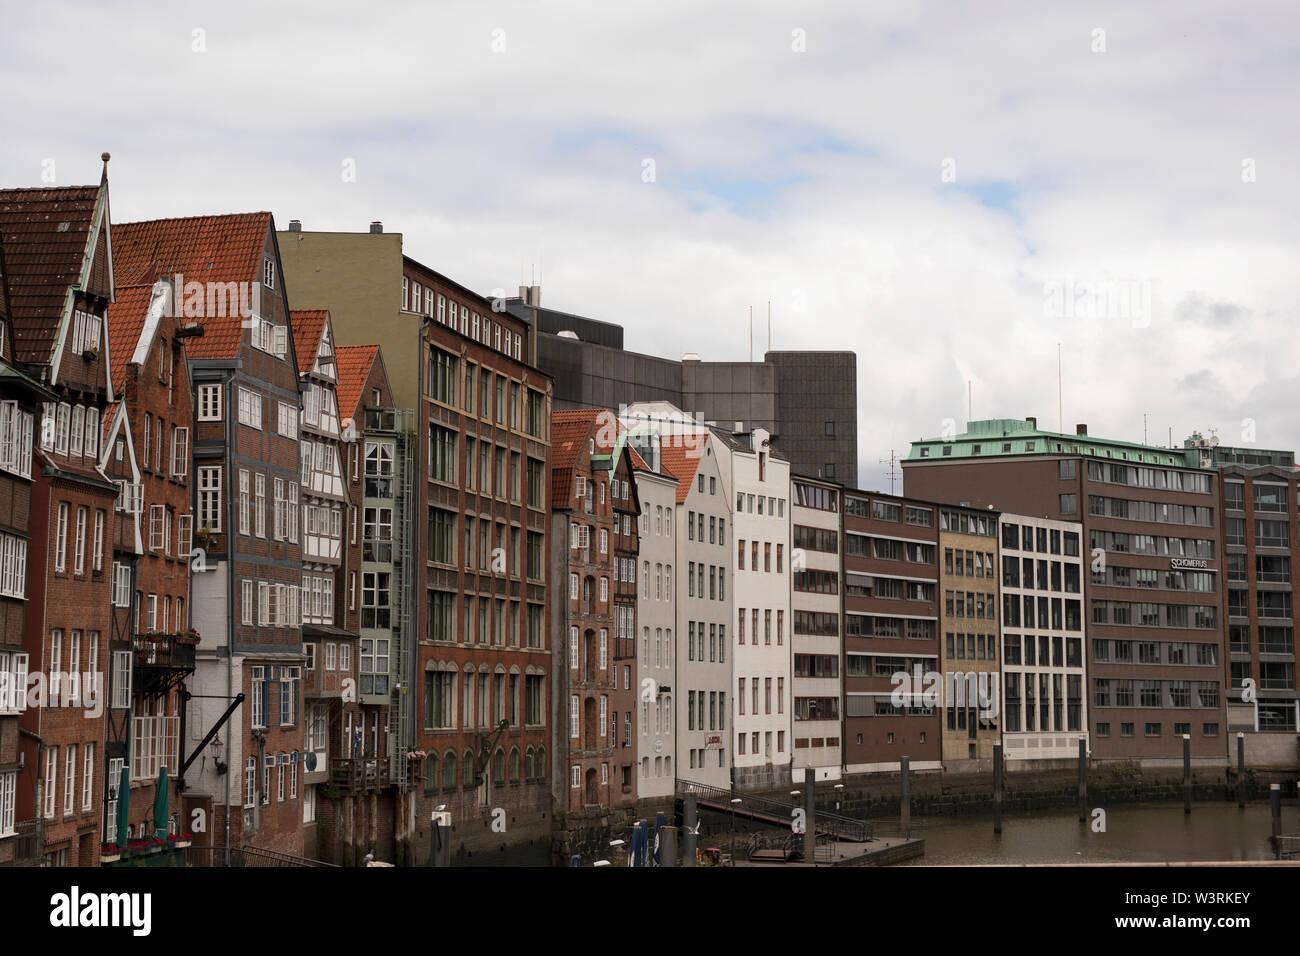 Edificios históricos en Deichstrasse en el Nikolaifleet en Hamburgo, Alemania. Deichstrasse es la calle más antigua que queda en Altstadt. Foto de stock